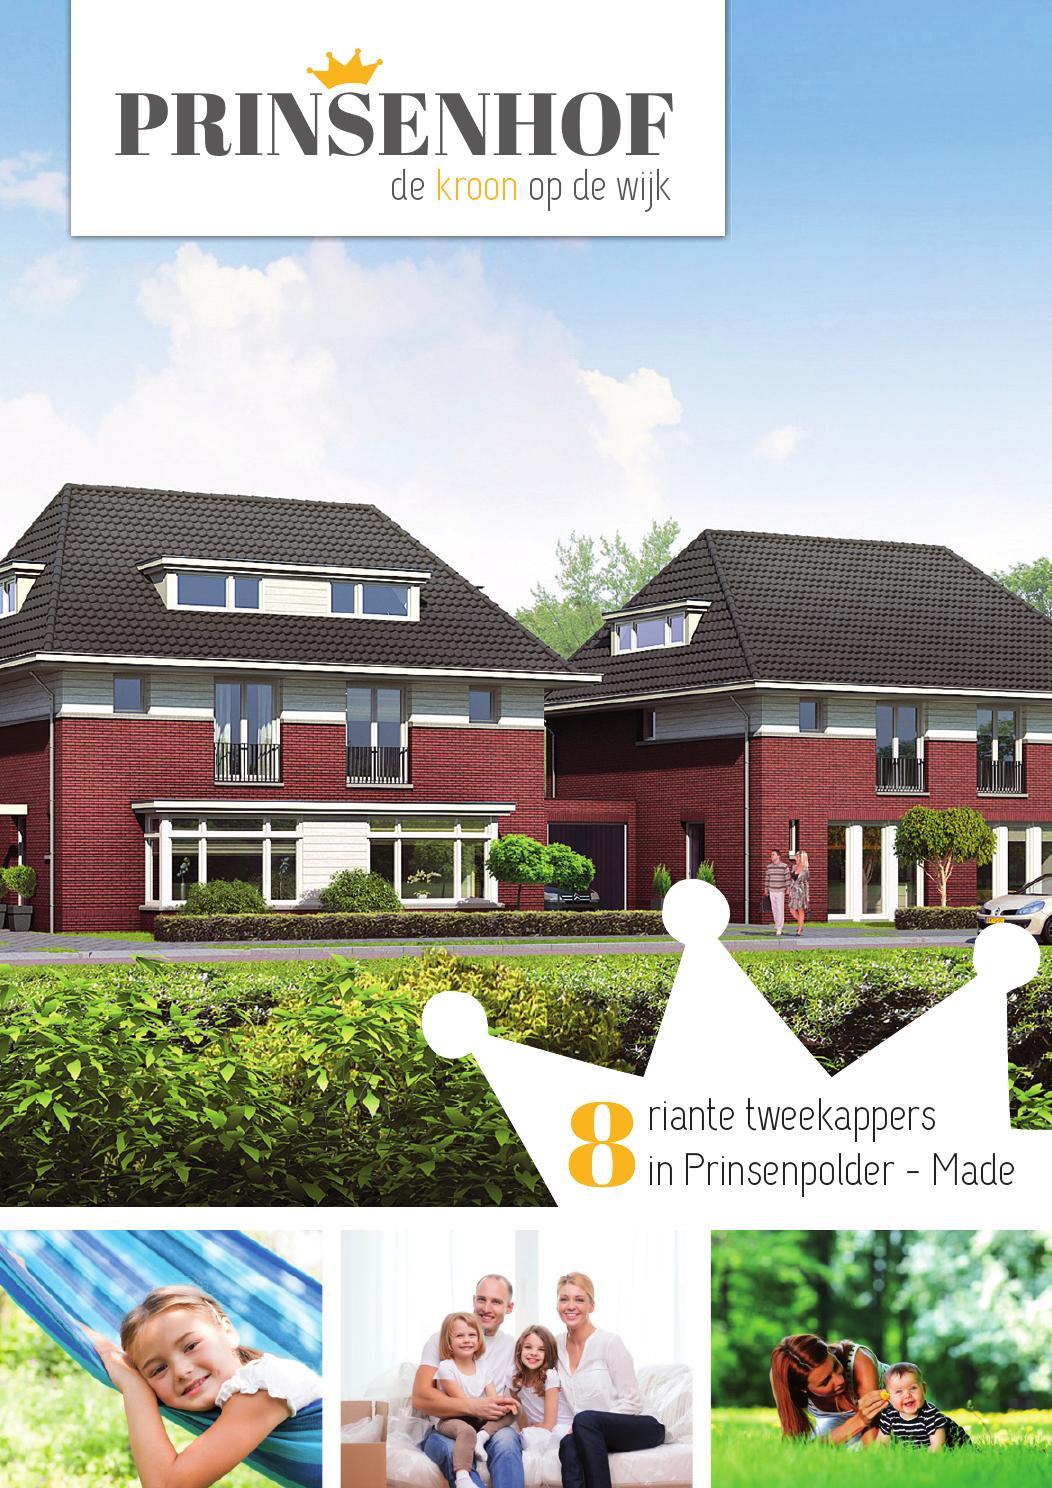 Prinsenhof verkoopbrochure by dmarc   issuu